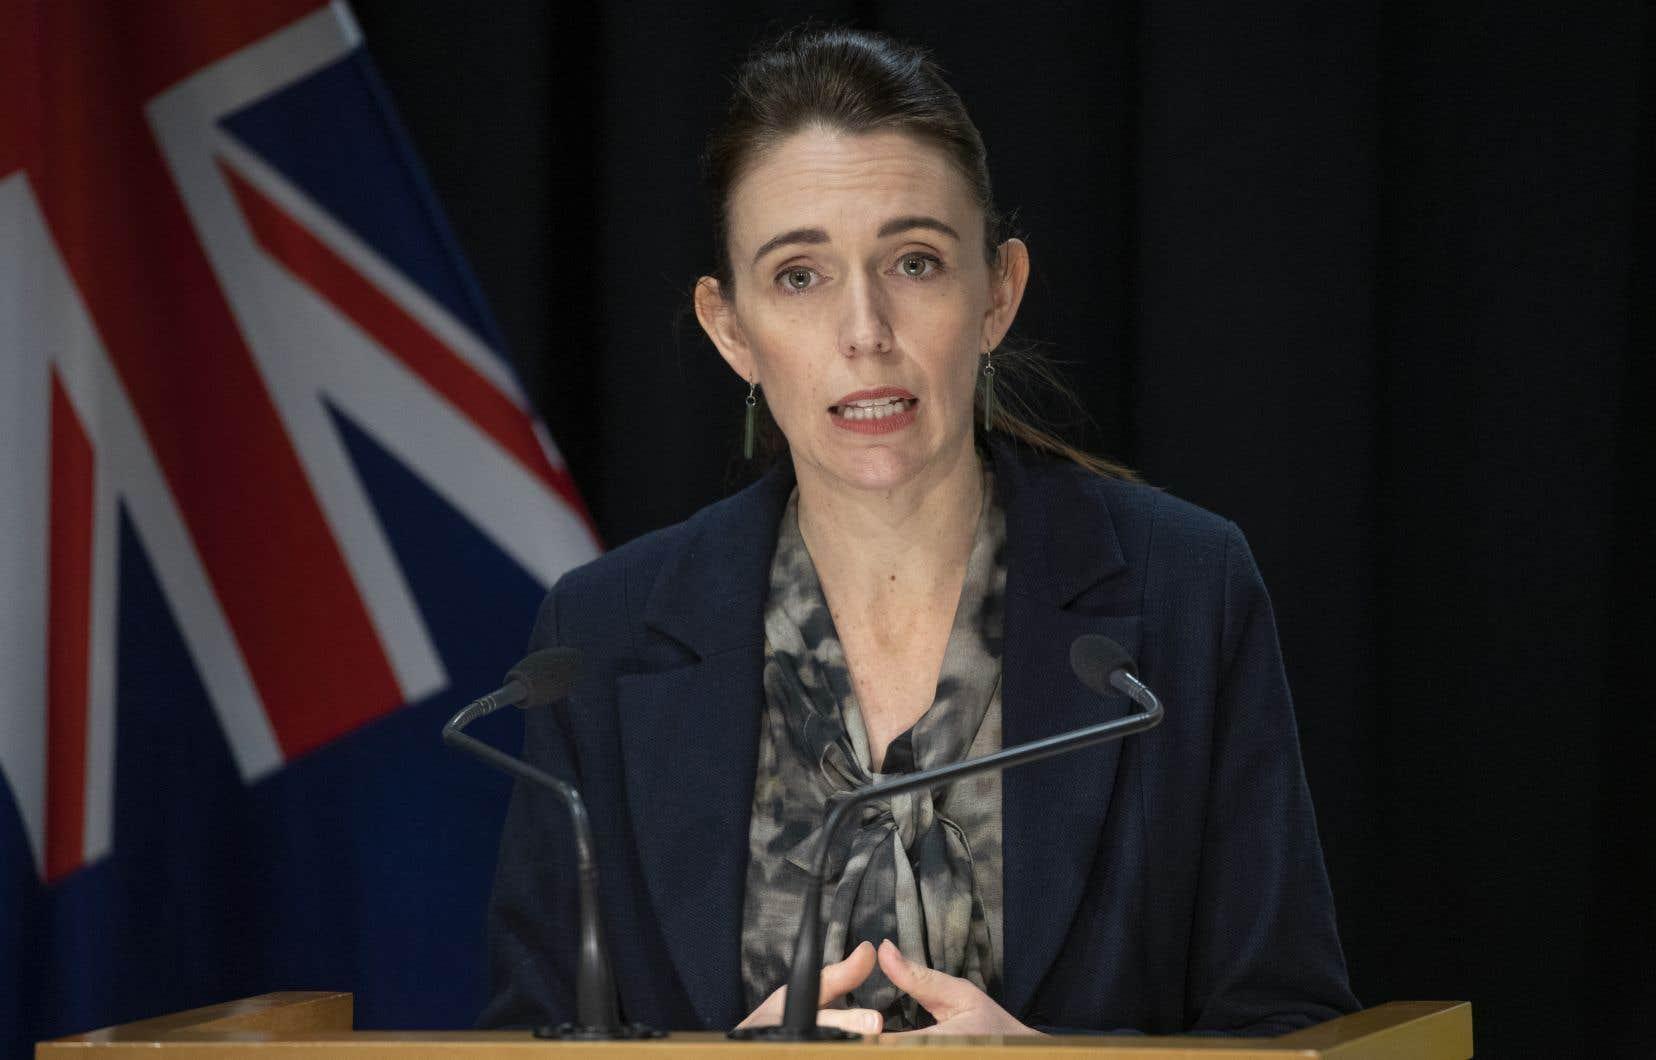 Ce décès est «un rappel profondément triste de la raison pour laquelle les mesures que nous prenons actuellement sont si importantes», a déclaré la Première ministre Jacinda Ardern.